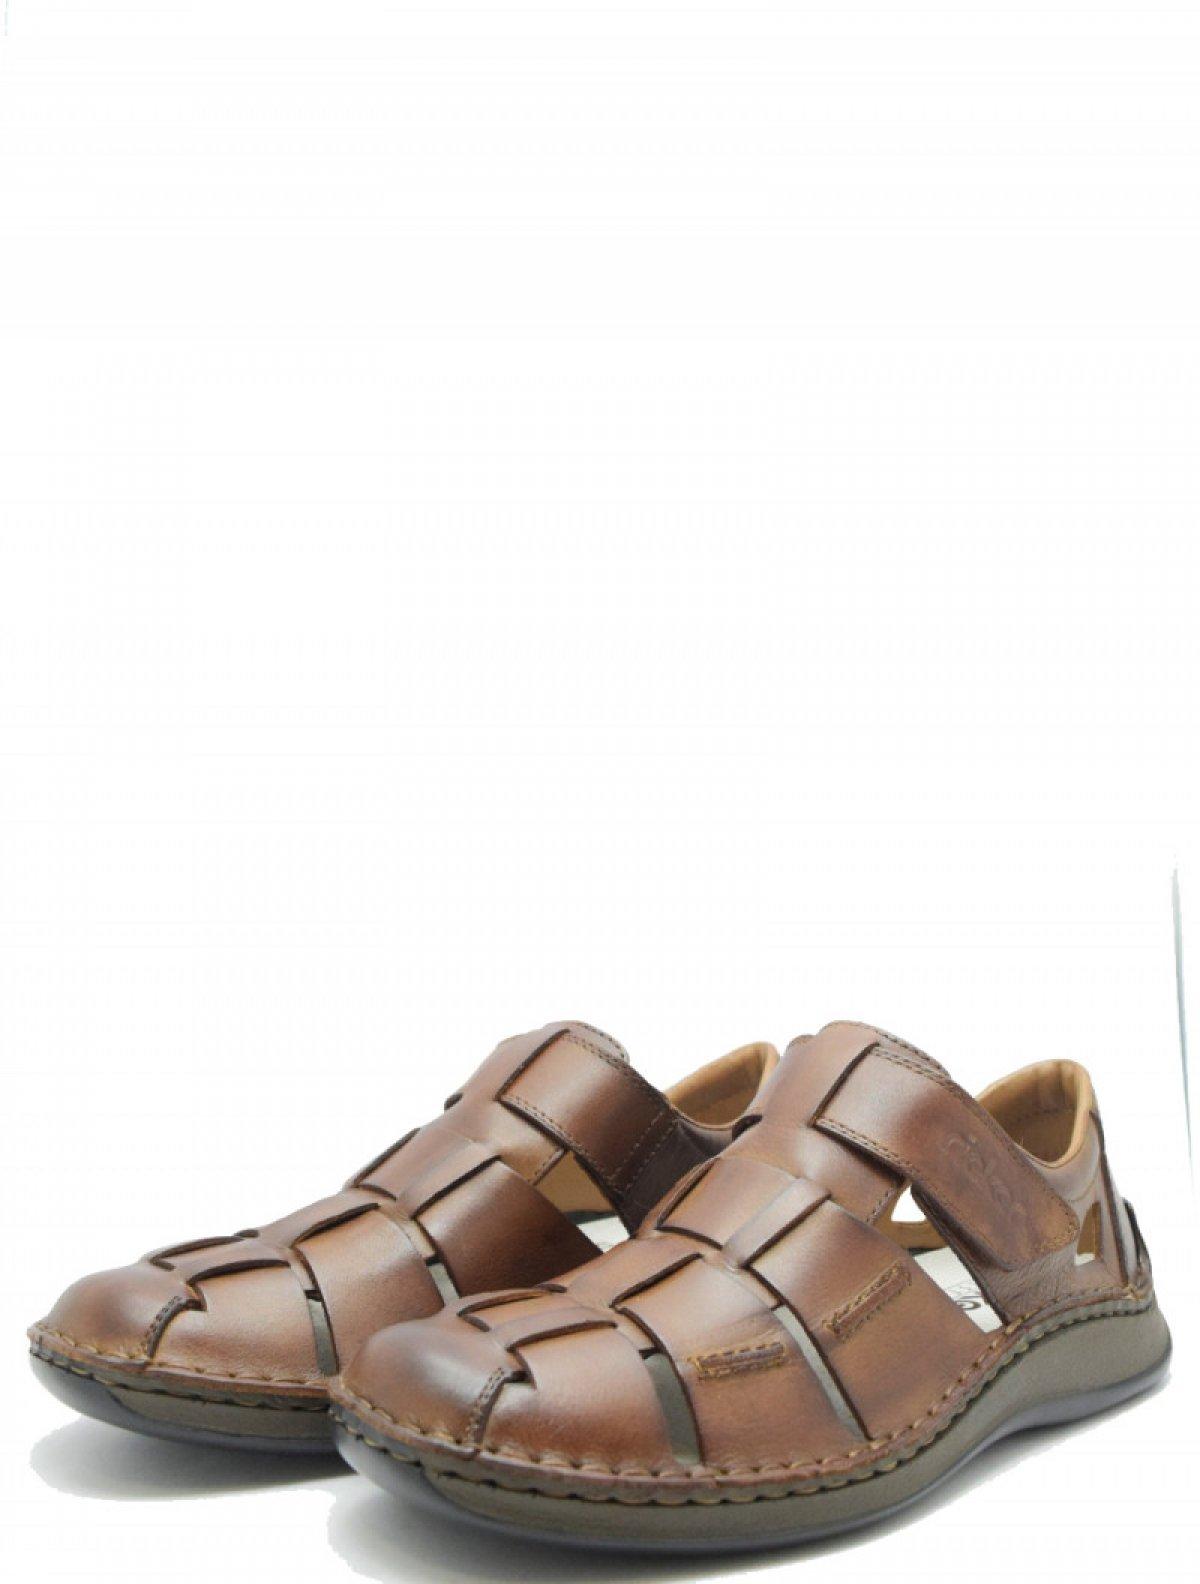 Rieker 05273-25 мужские туфли